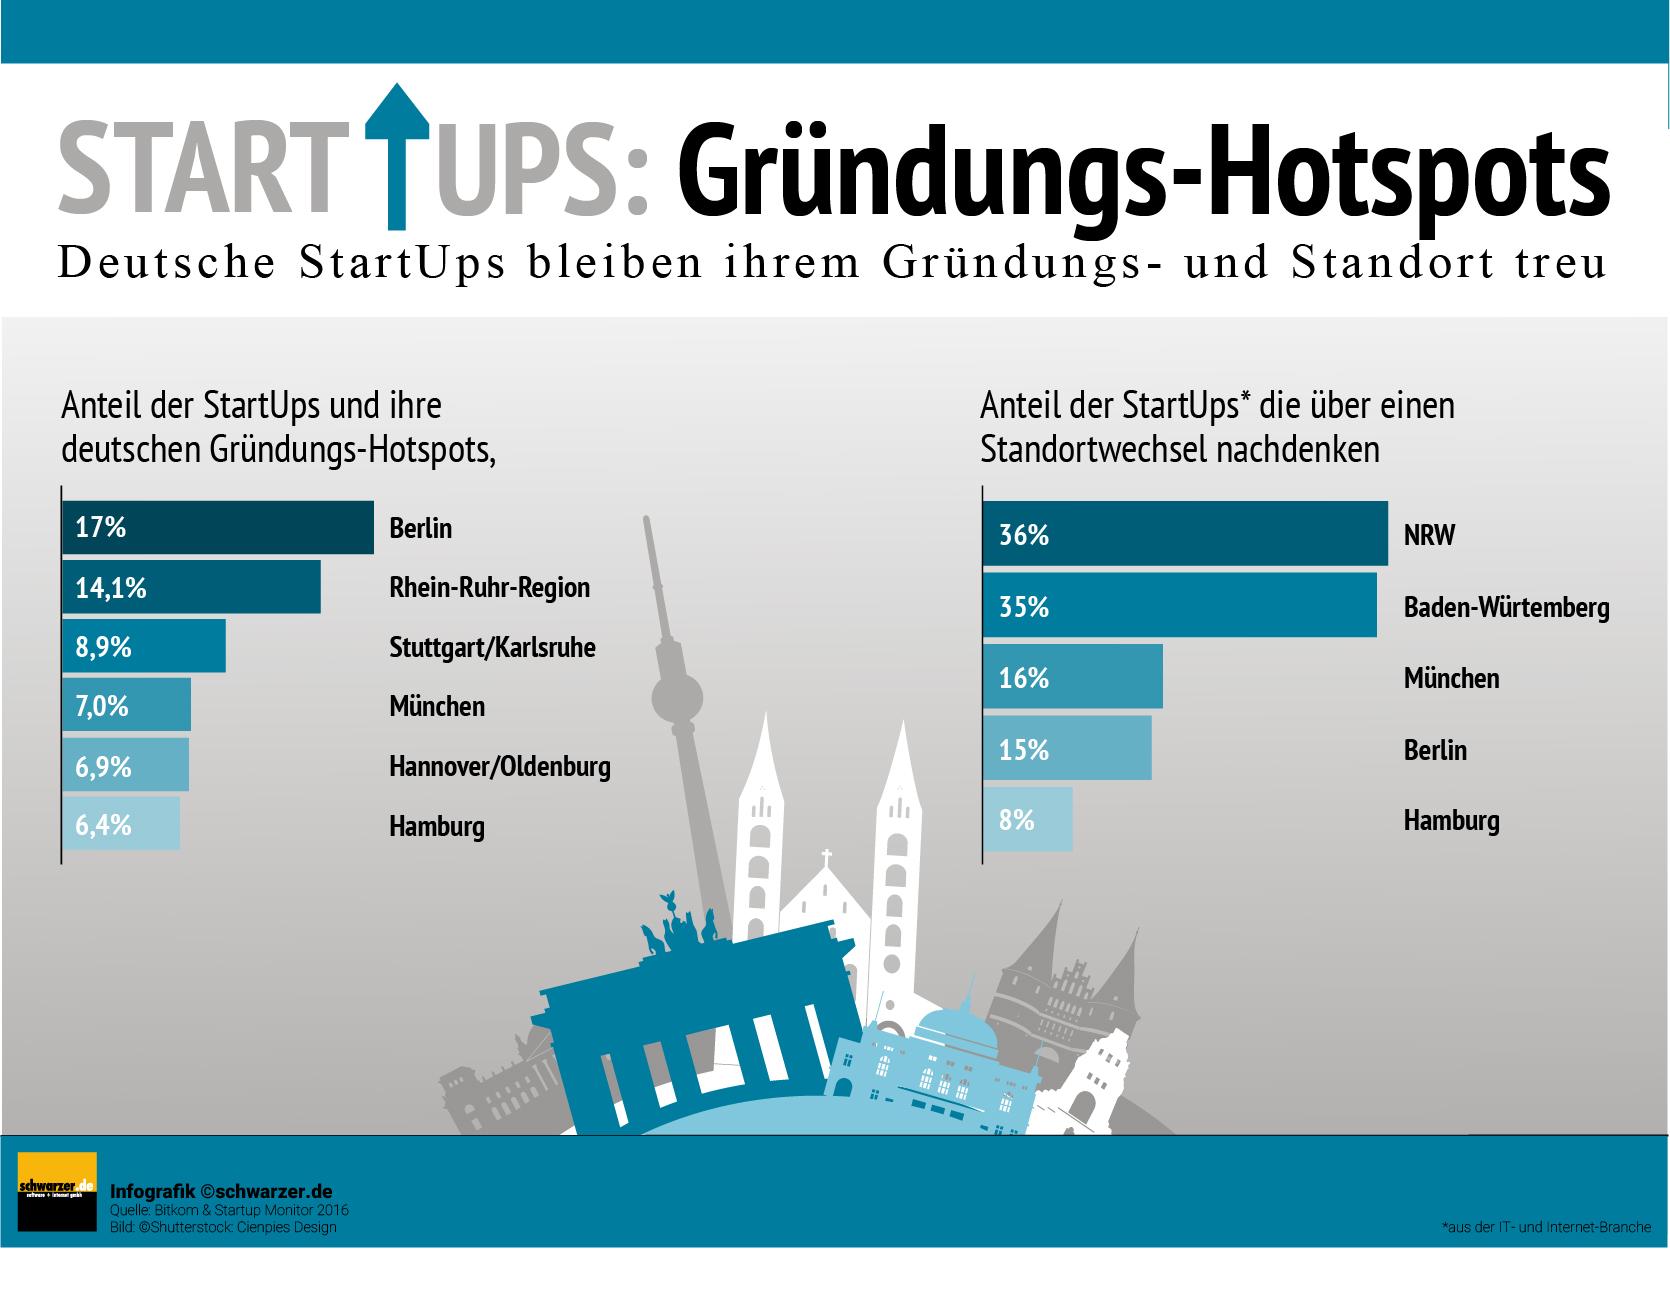 Infografik: Gründungs-Hotspots von StartUps. Wie treu sind die deutschen StartUps gegenüber ihrem Gründungs- und Standort?